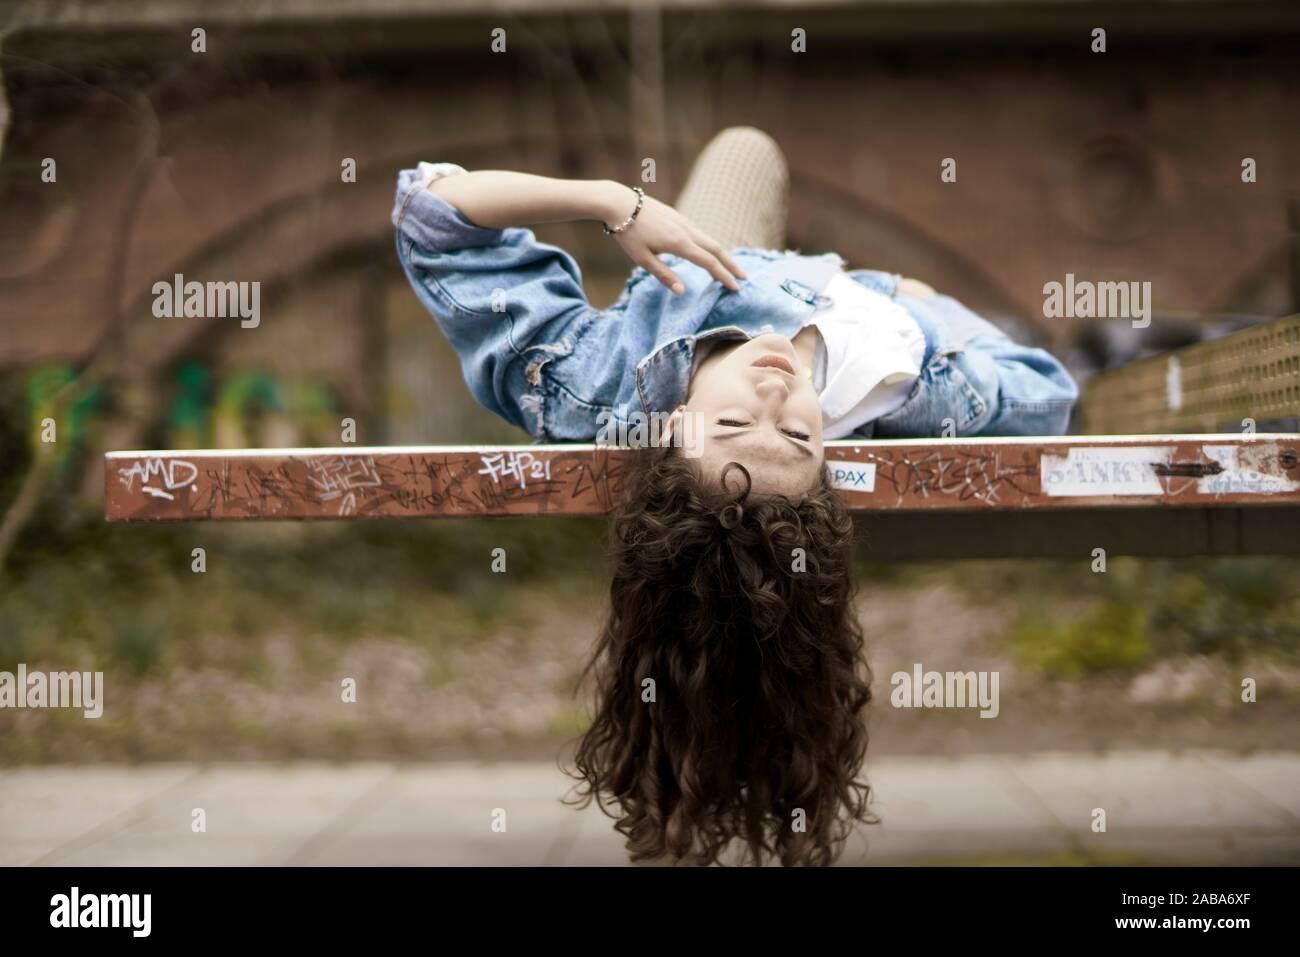 Junge Frau liegend auf der Werkbank, Berlin, Deutschland. Stockfoto